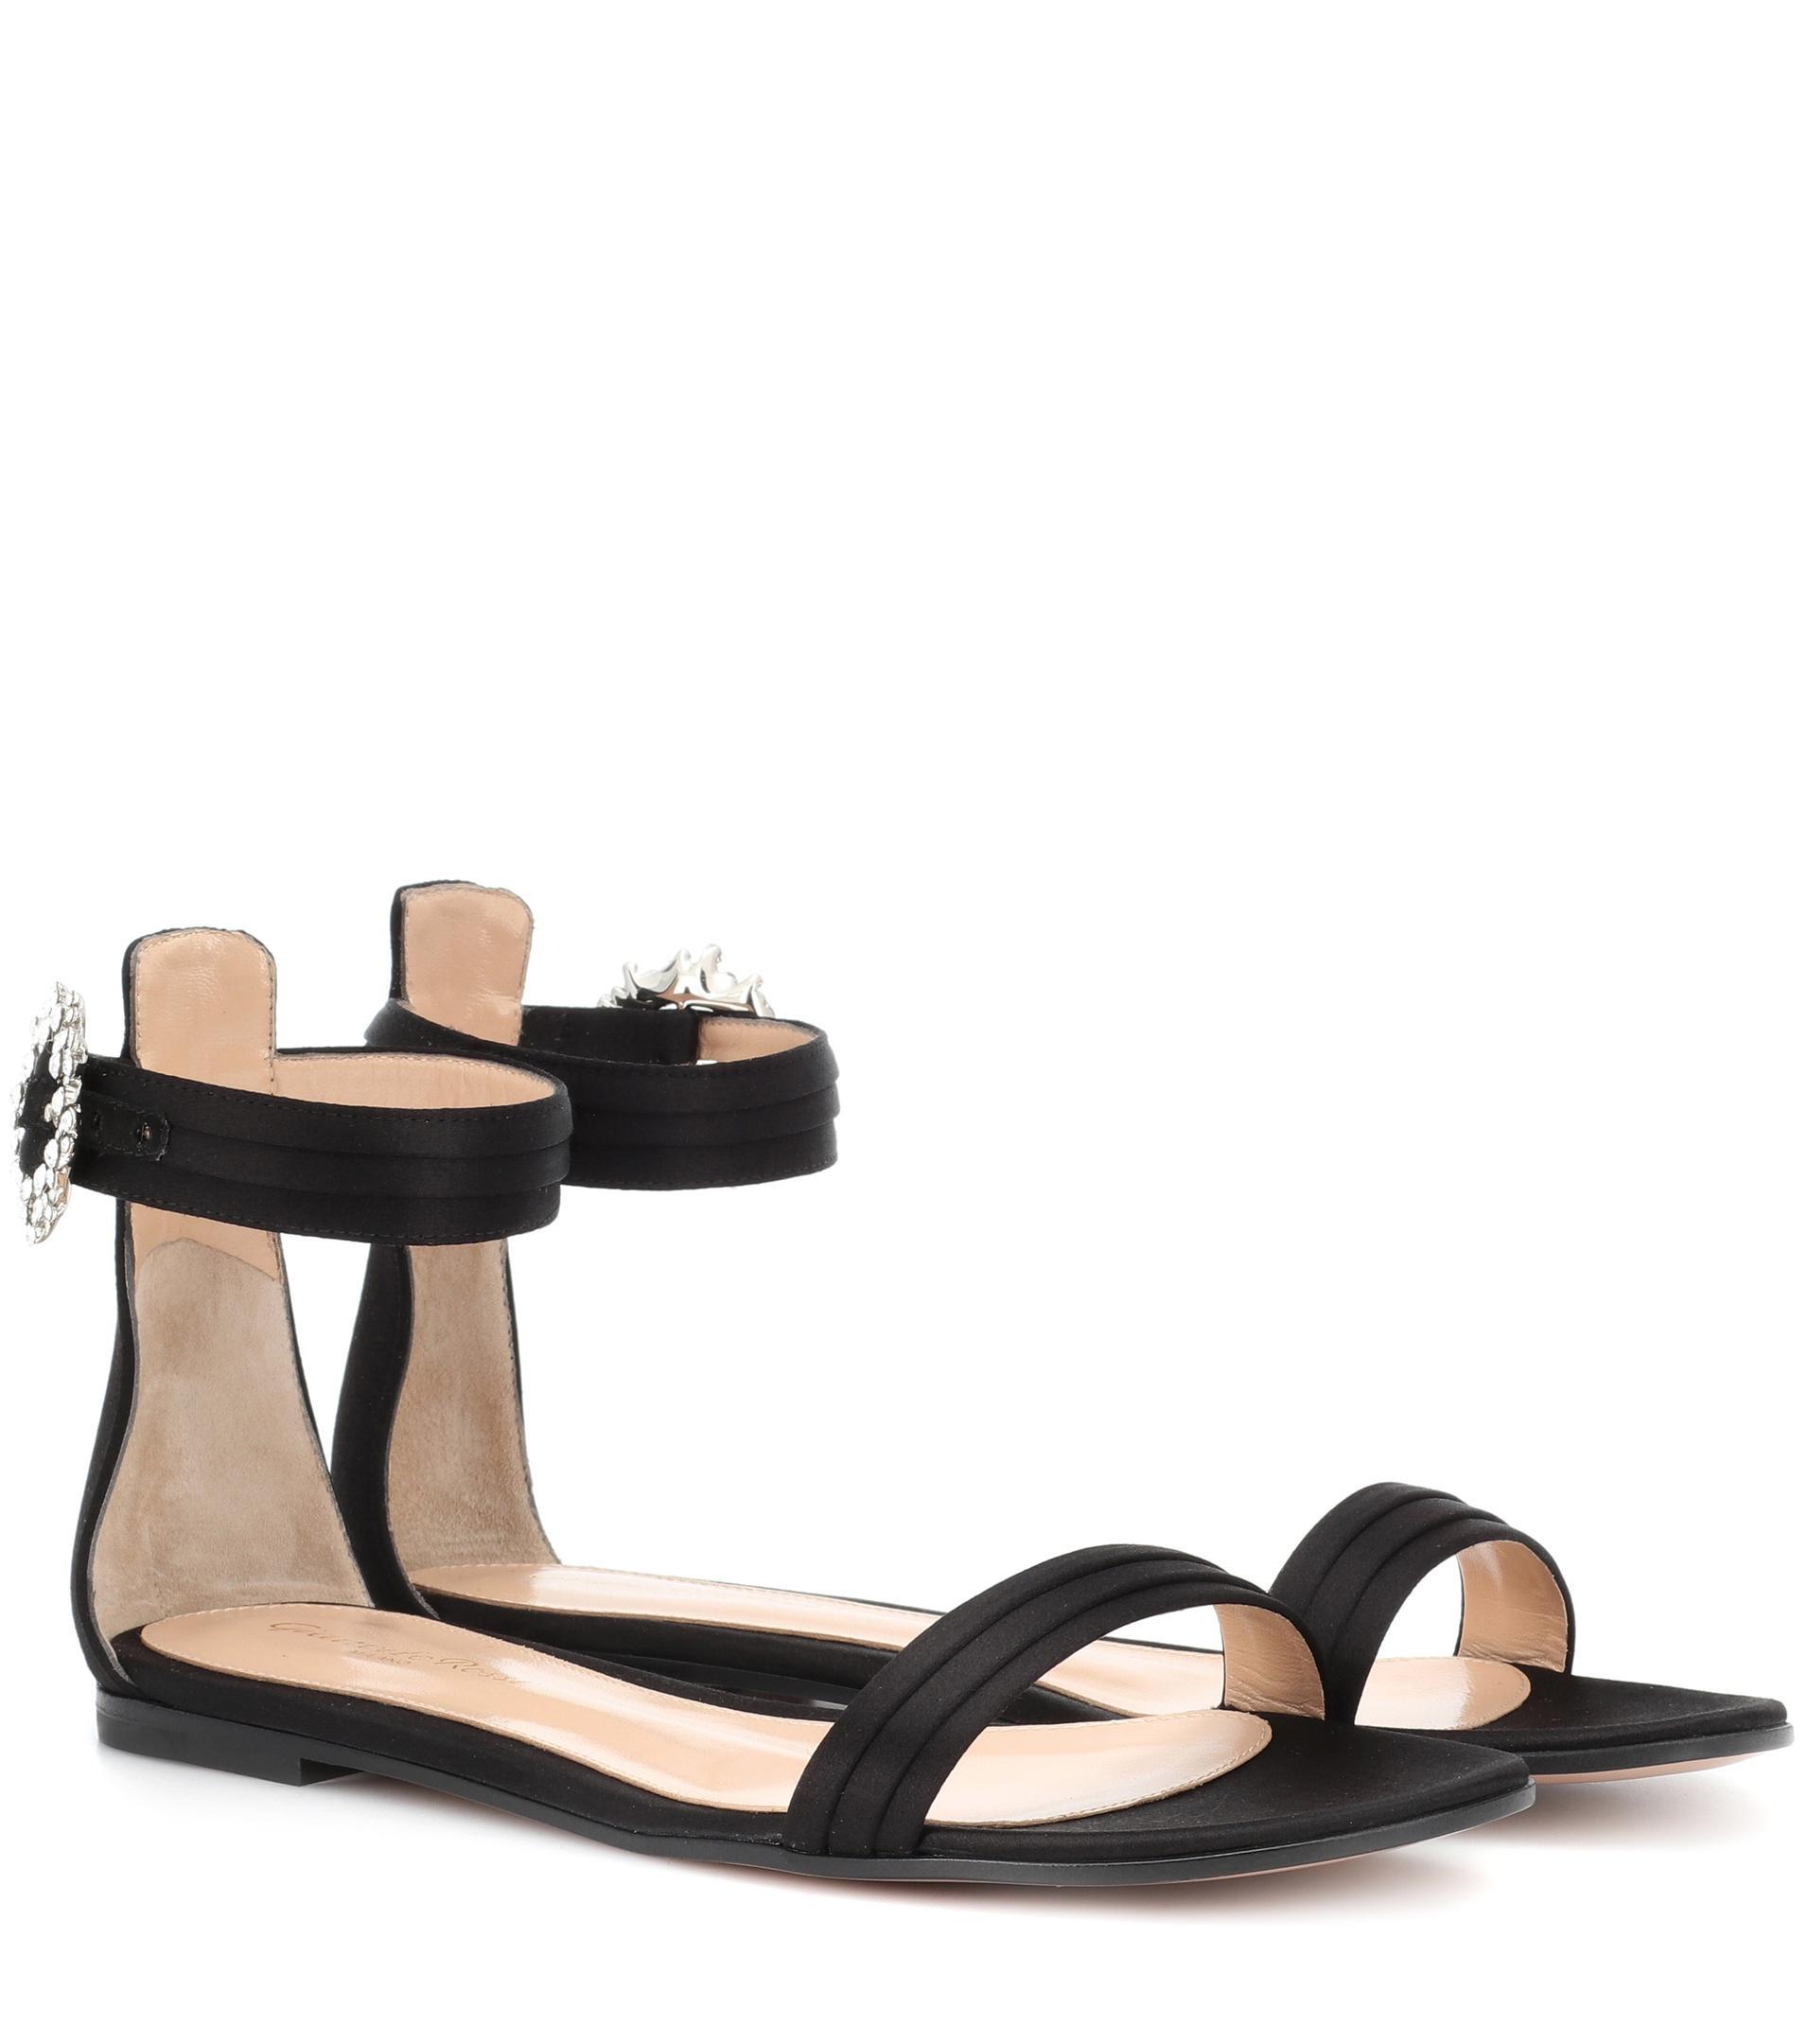 Gianvito Rossi Portofino Flat satin sandals B8I46Y4hT